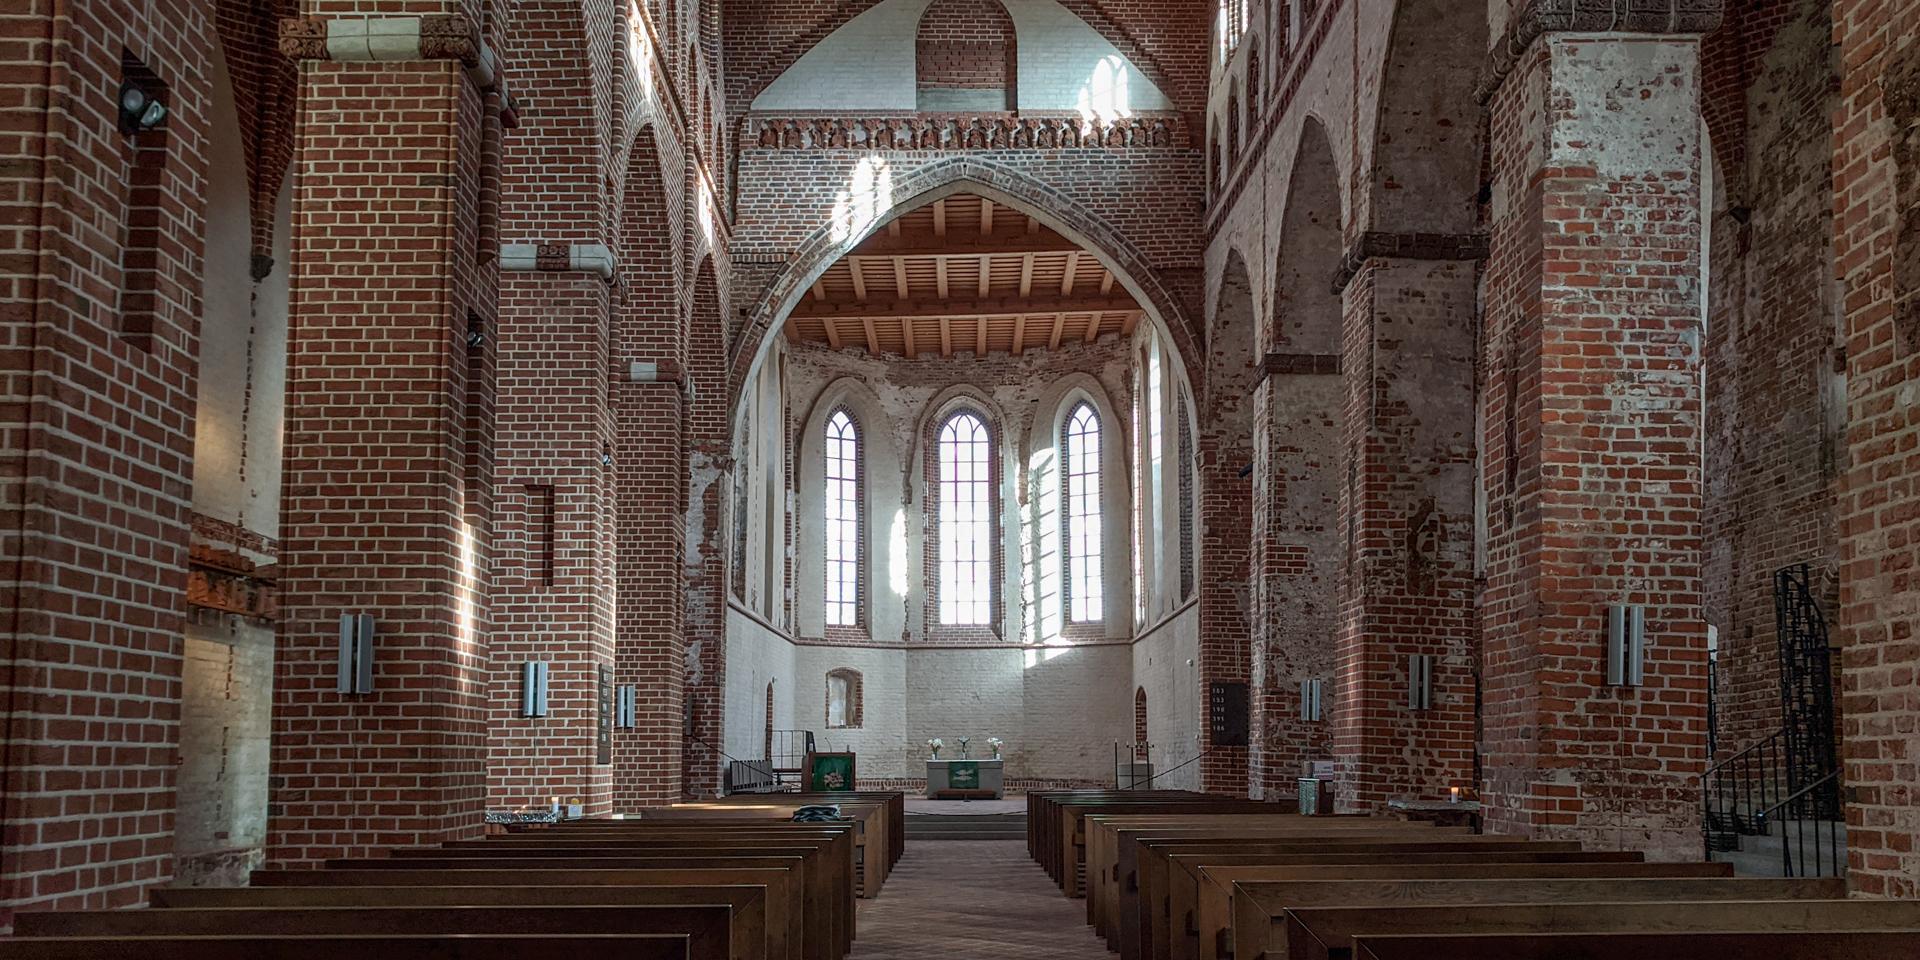 St John church in Tartu, Estonia